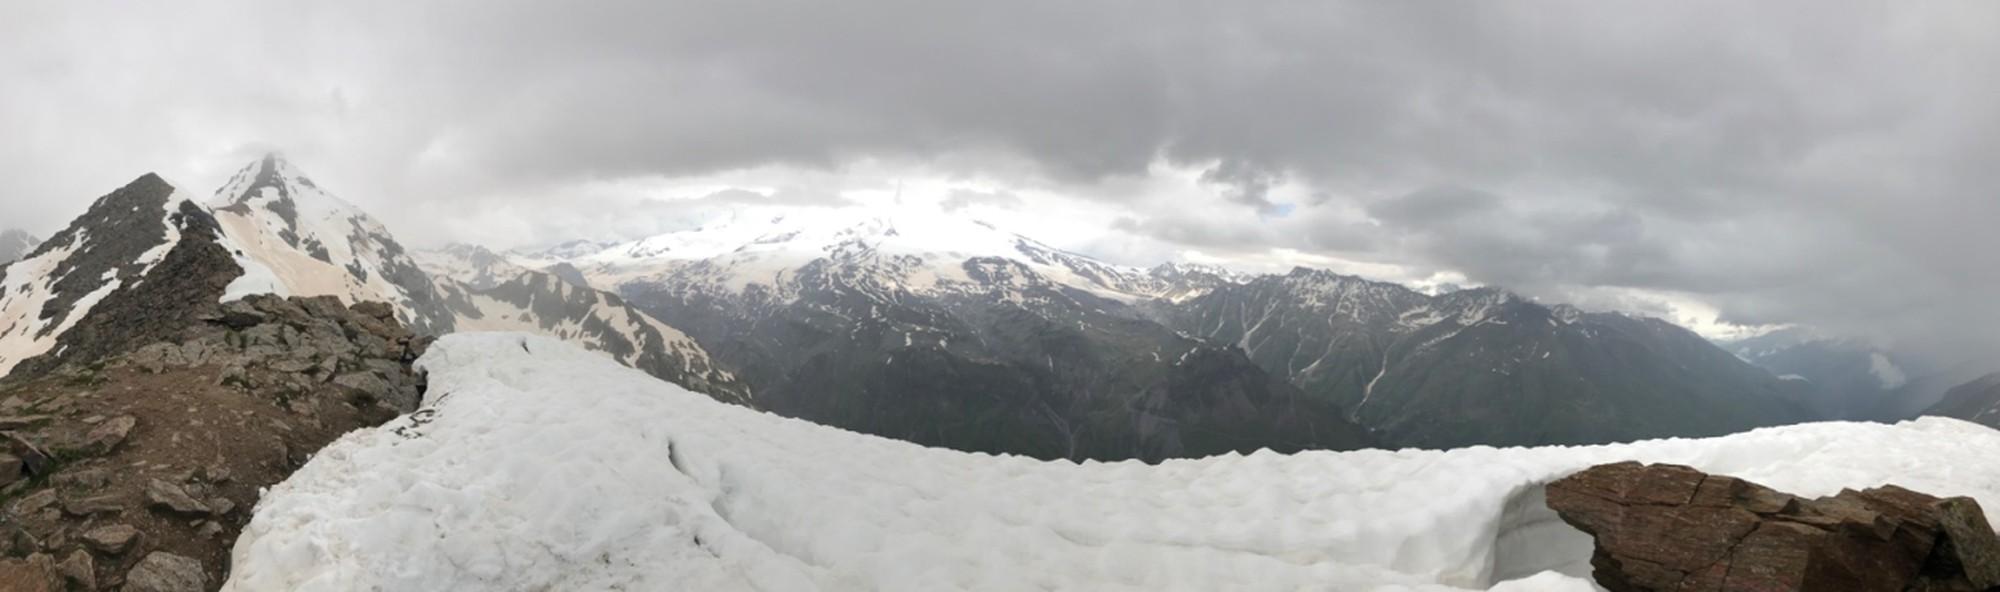 06 Elbrus